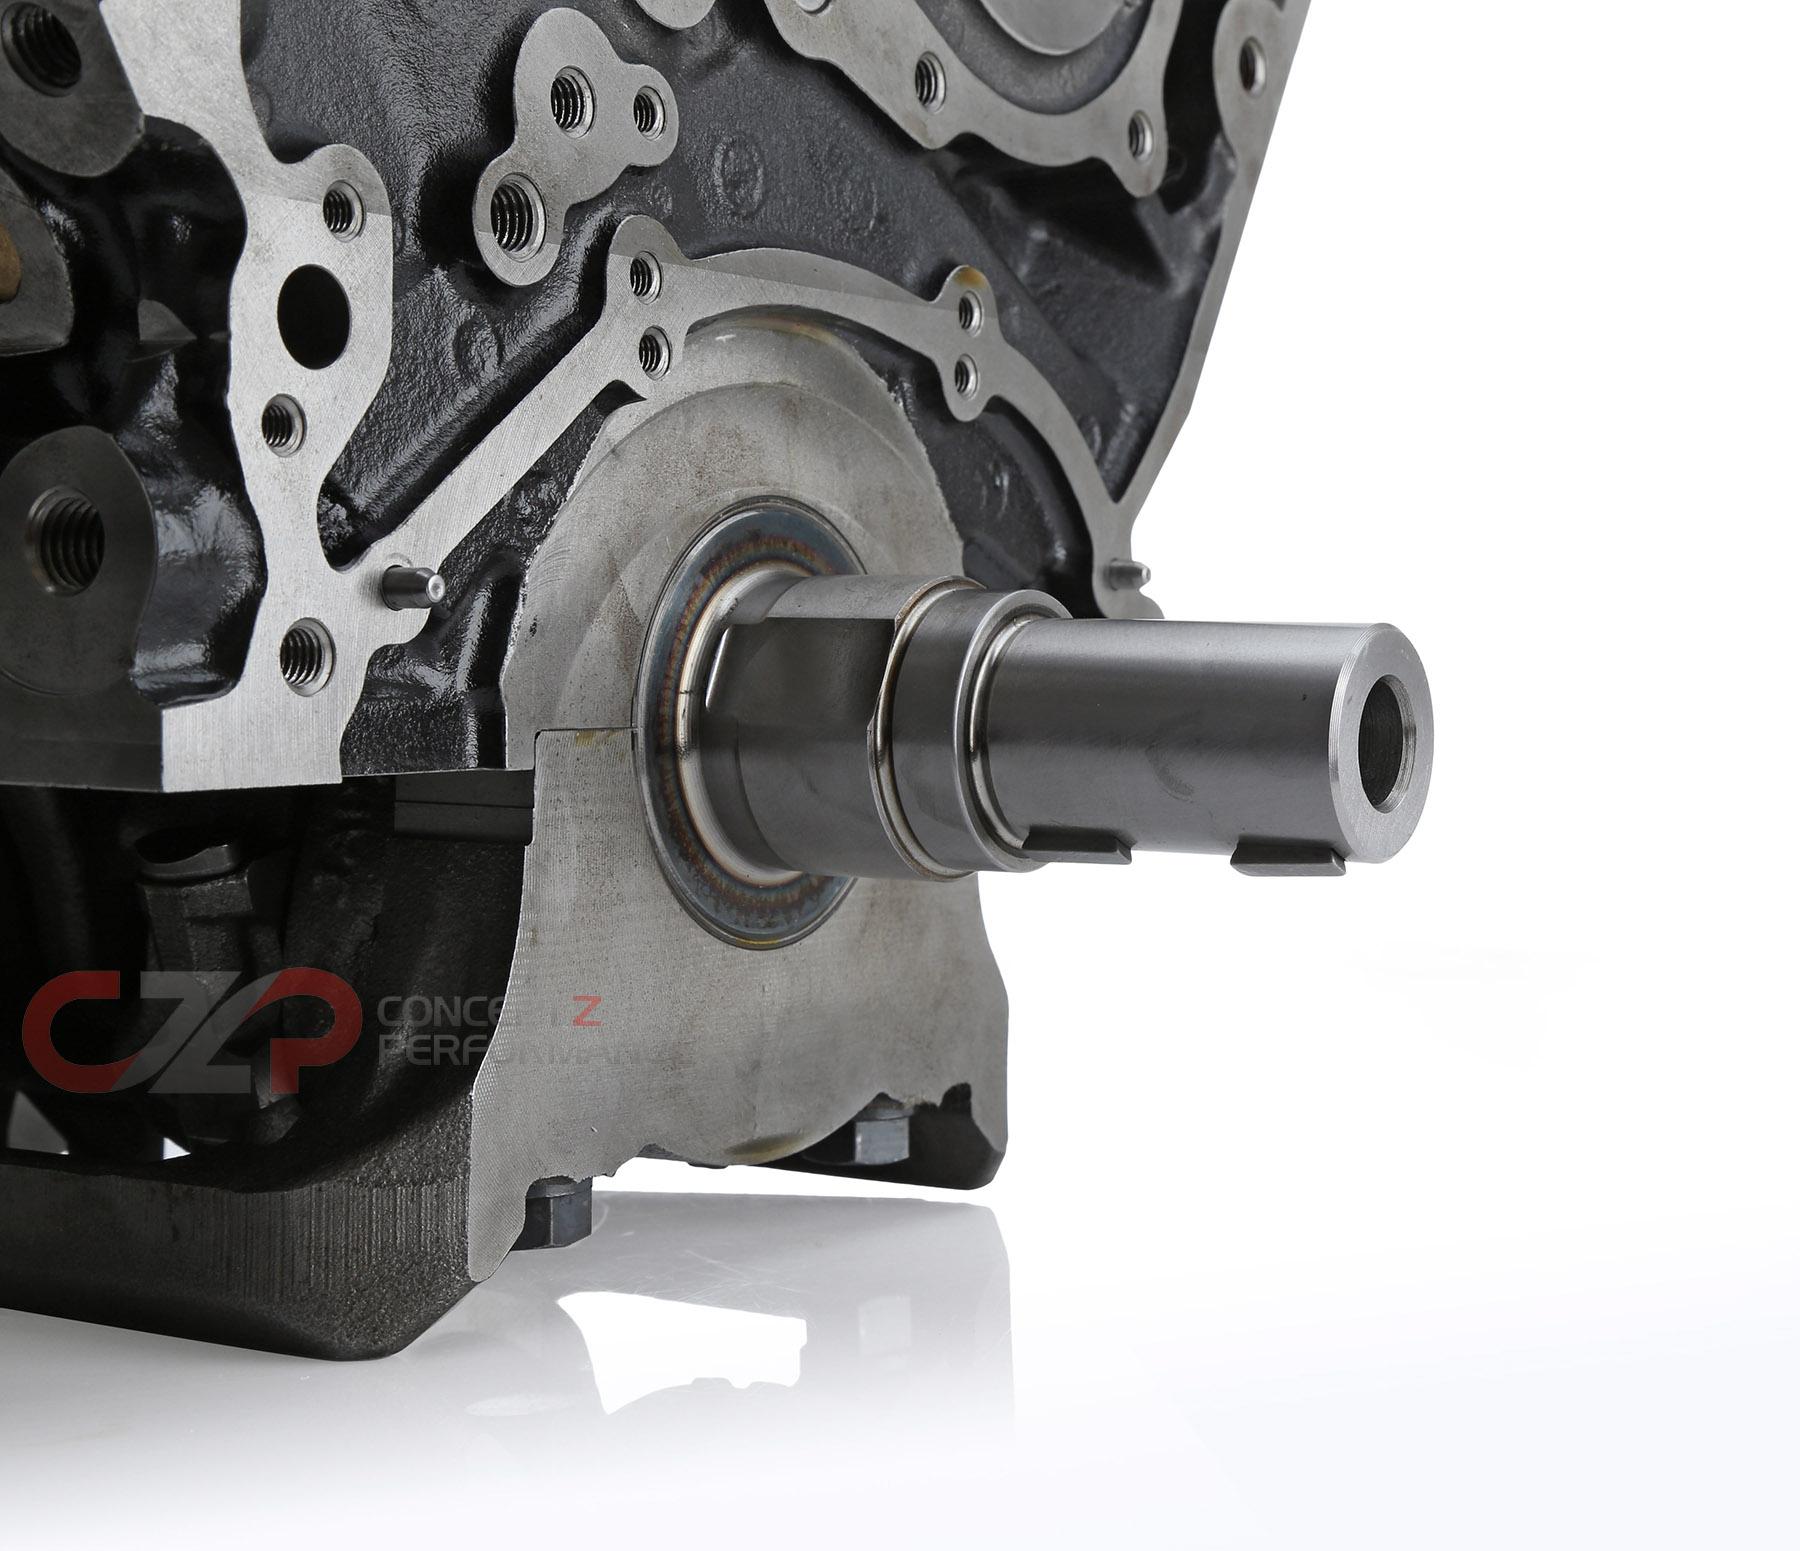 300zx Twin Turbo Motor: Nissan / Infiniti Nissan OEM 10103-40PC0 VG30DETT Engine